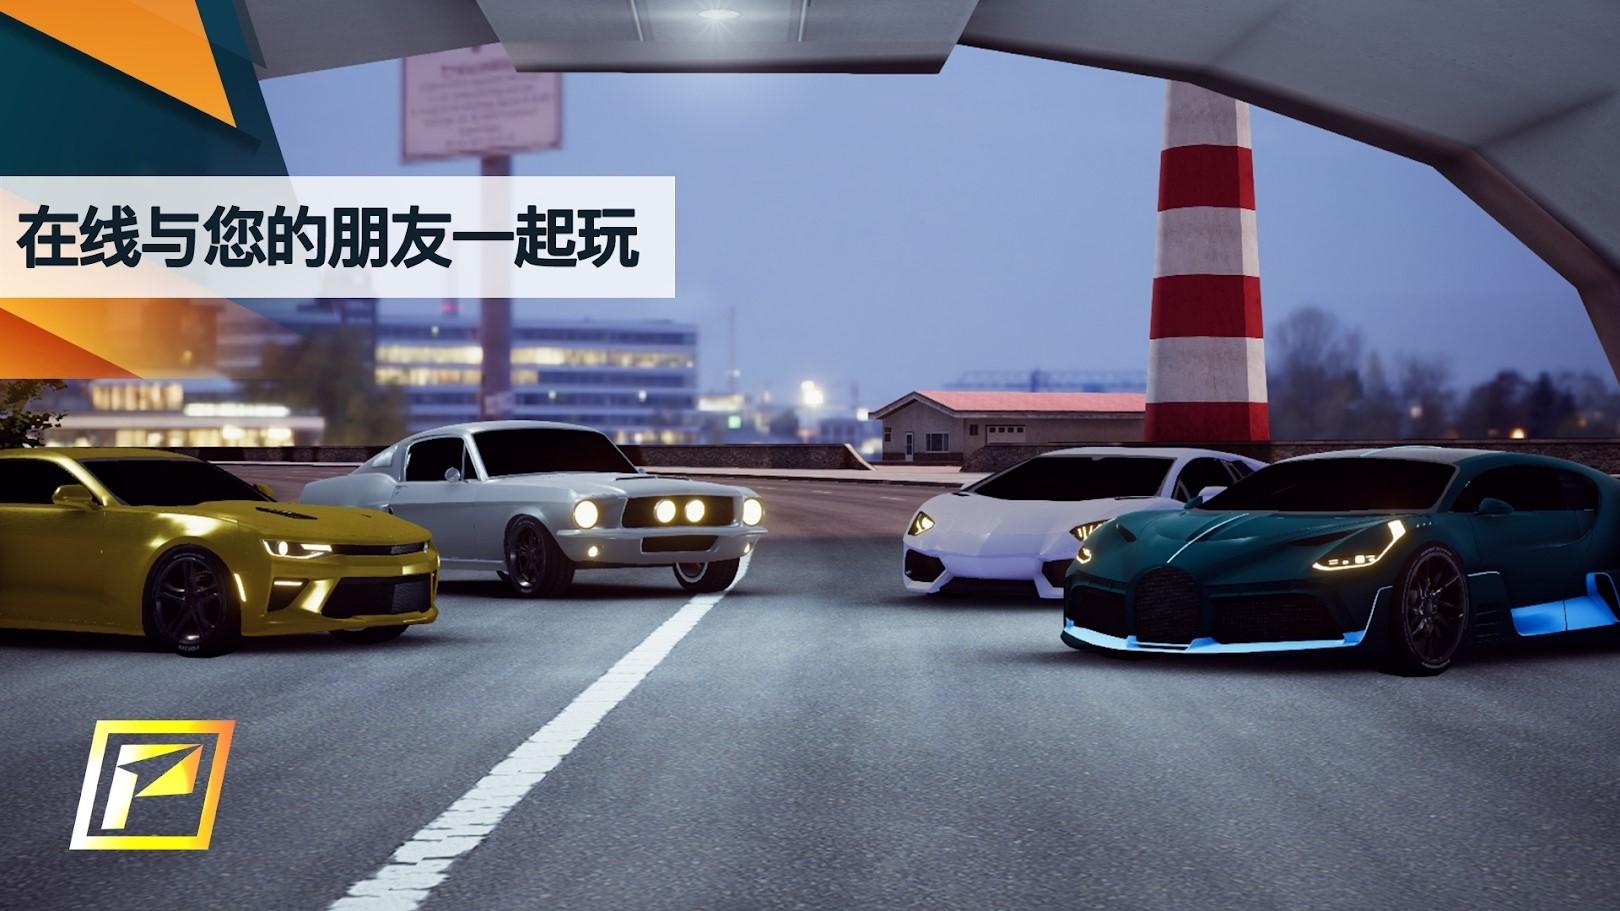 飙速车神无限金币最新破解版游戏截图